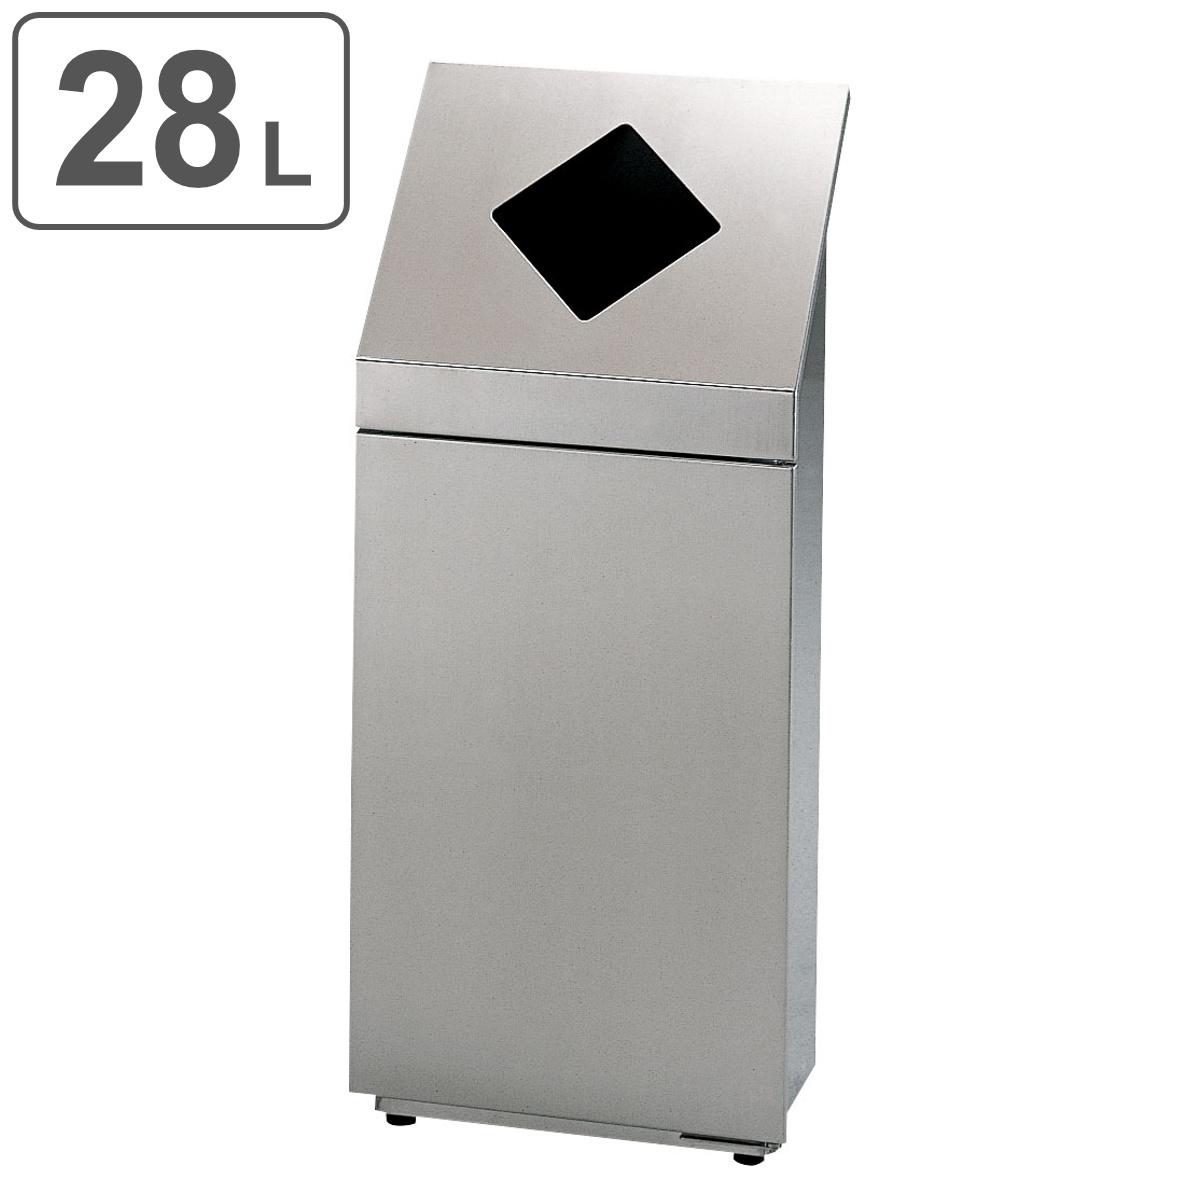 ゴミ箱 ダストボックス分別 NK-2439 一般用 送料無料 【3980円以上送料無料】